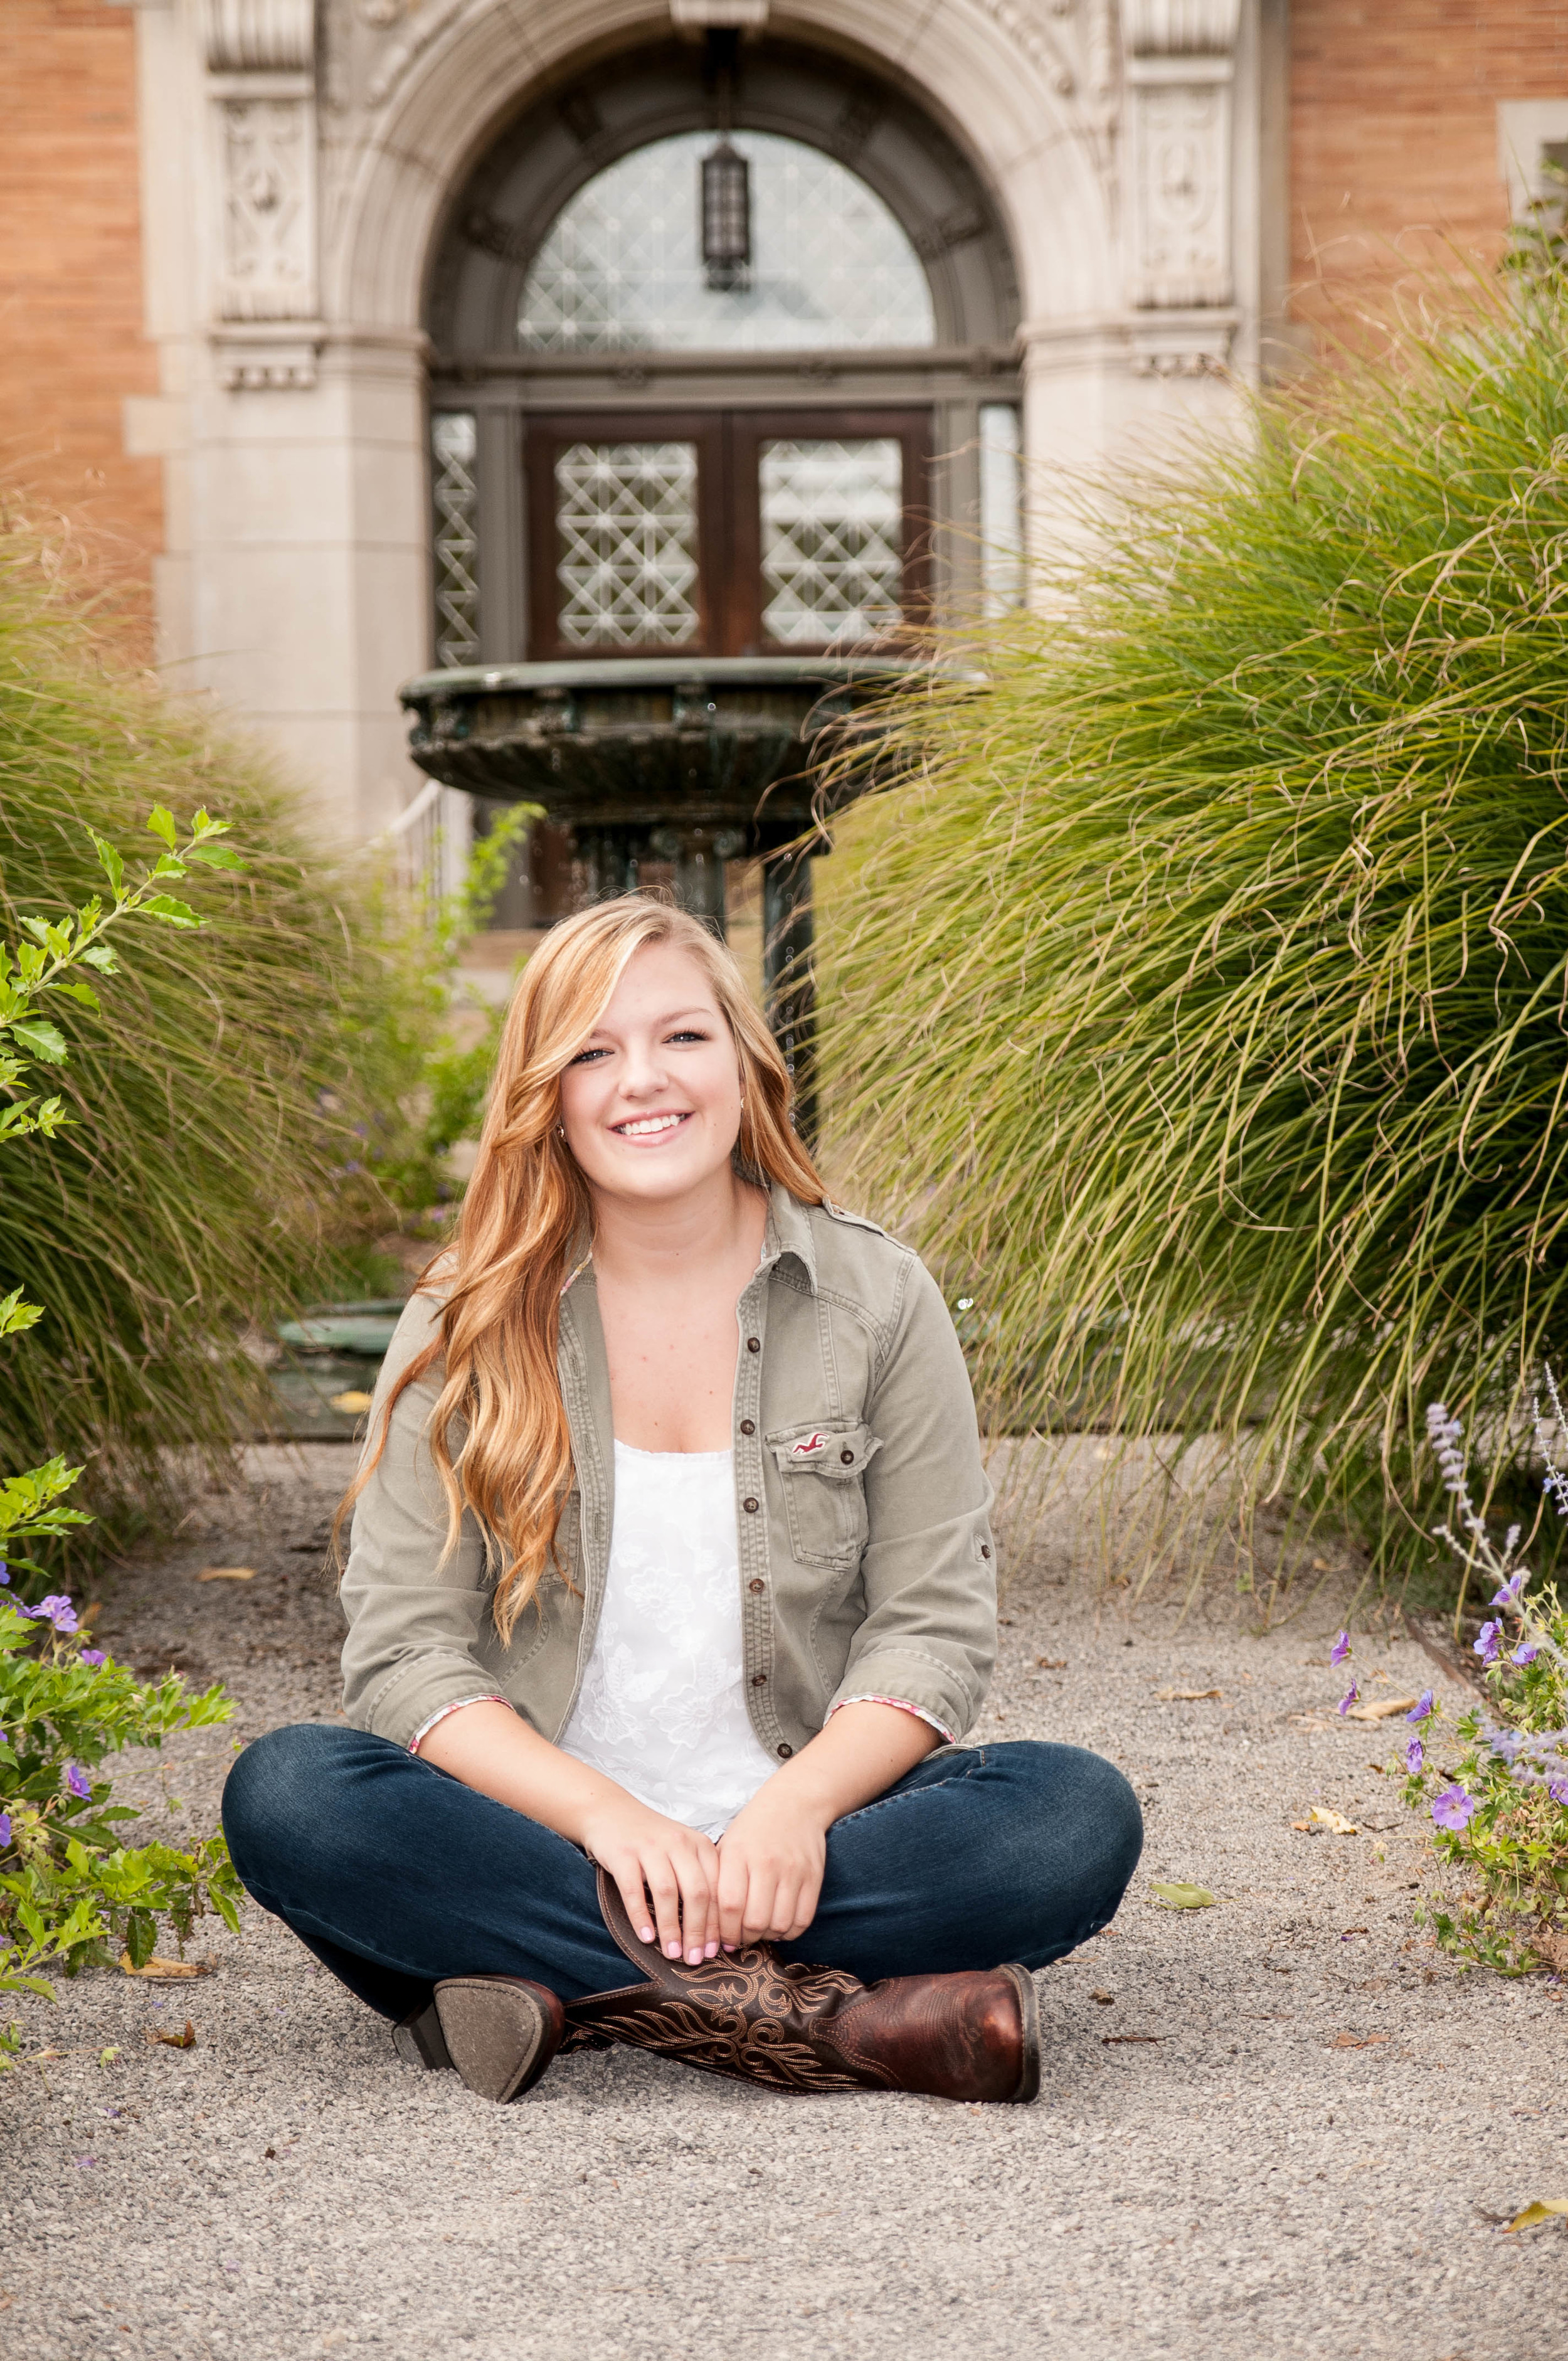 ClarkstonSenior photographer